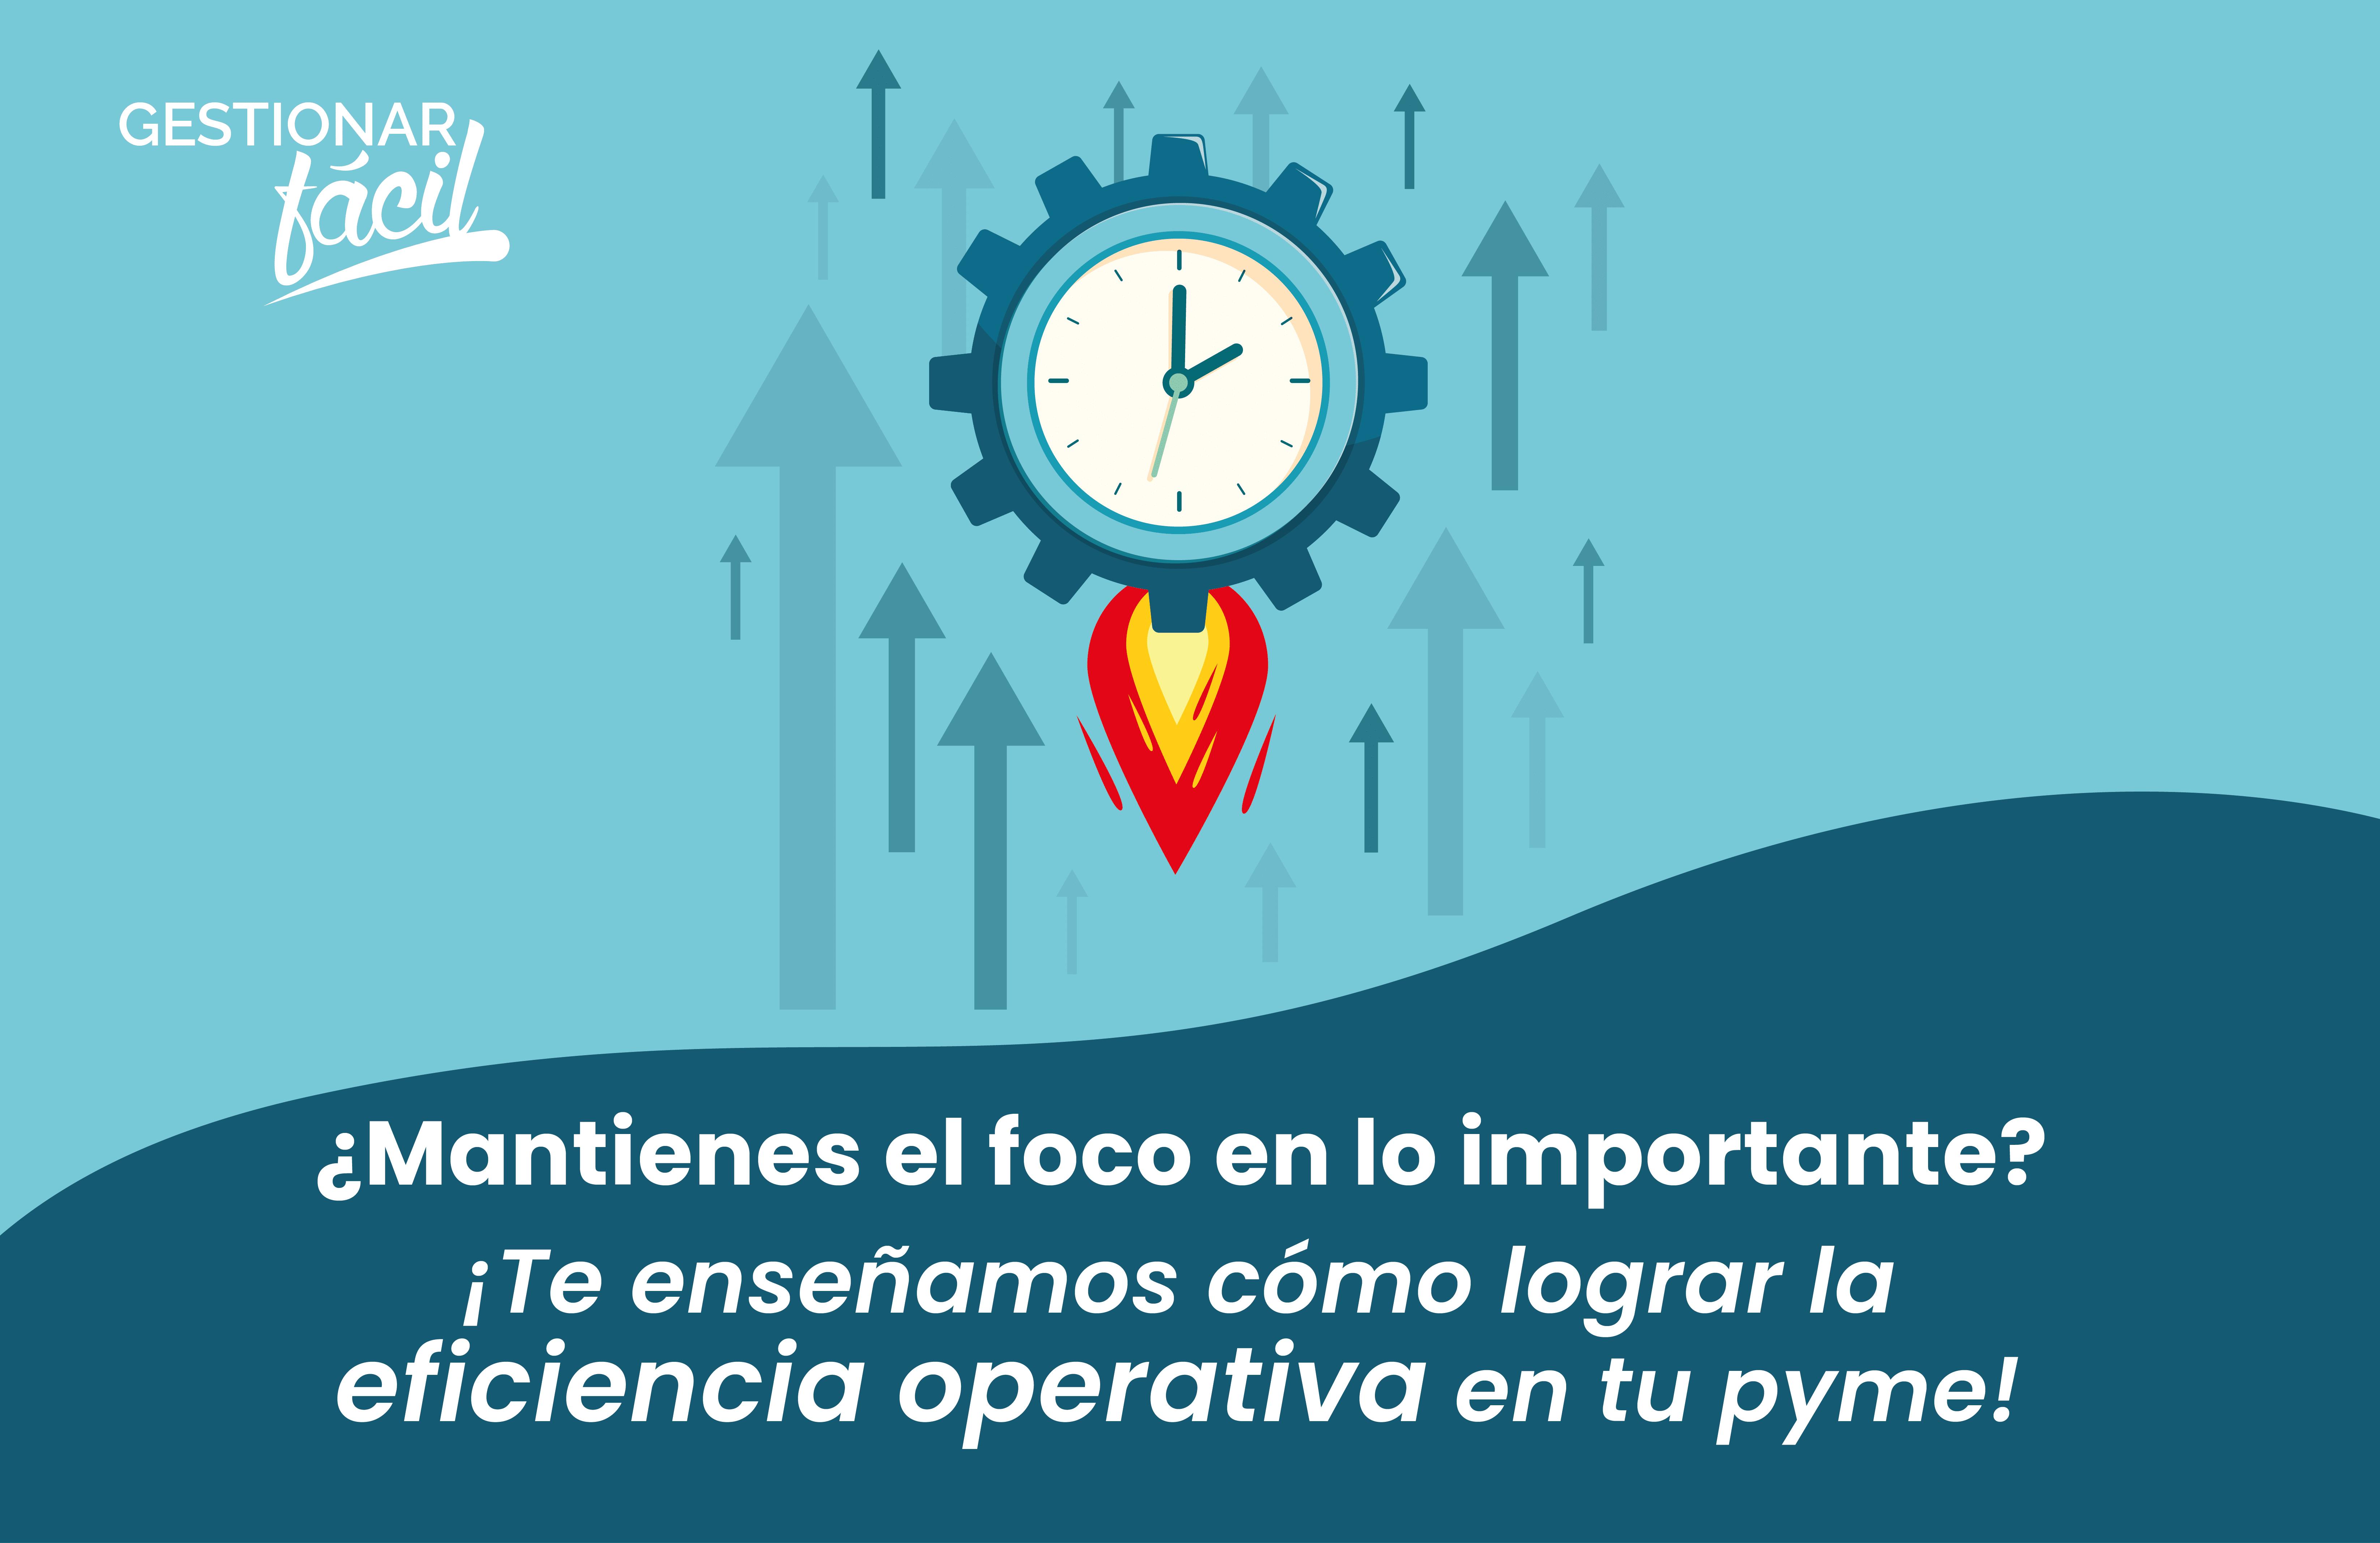 ¿Cómo lograr la eficiencia operativa? ¡Mantén el foco!